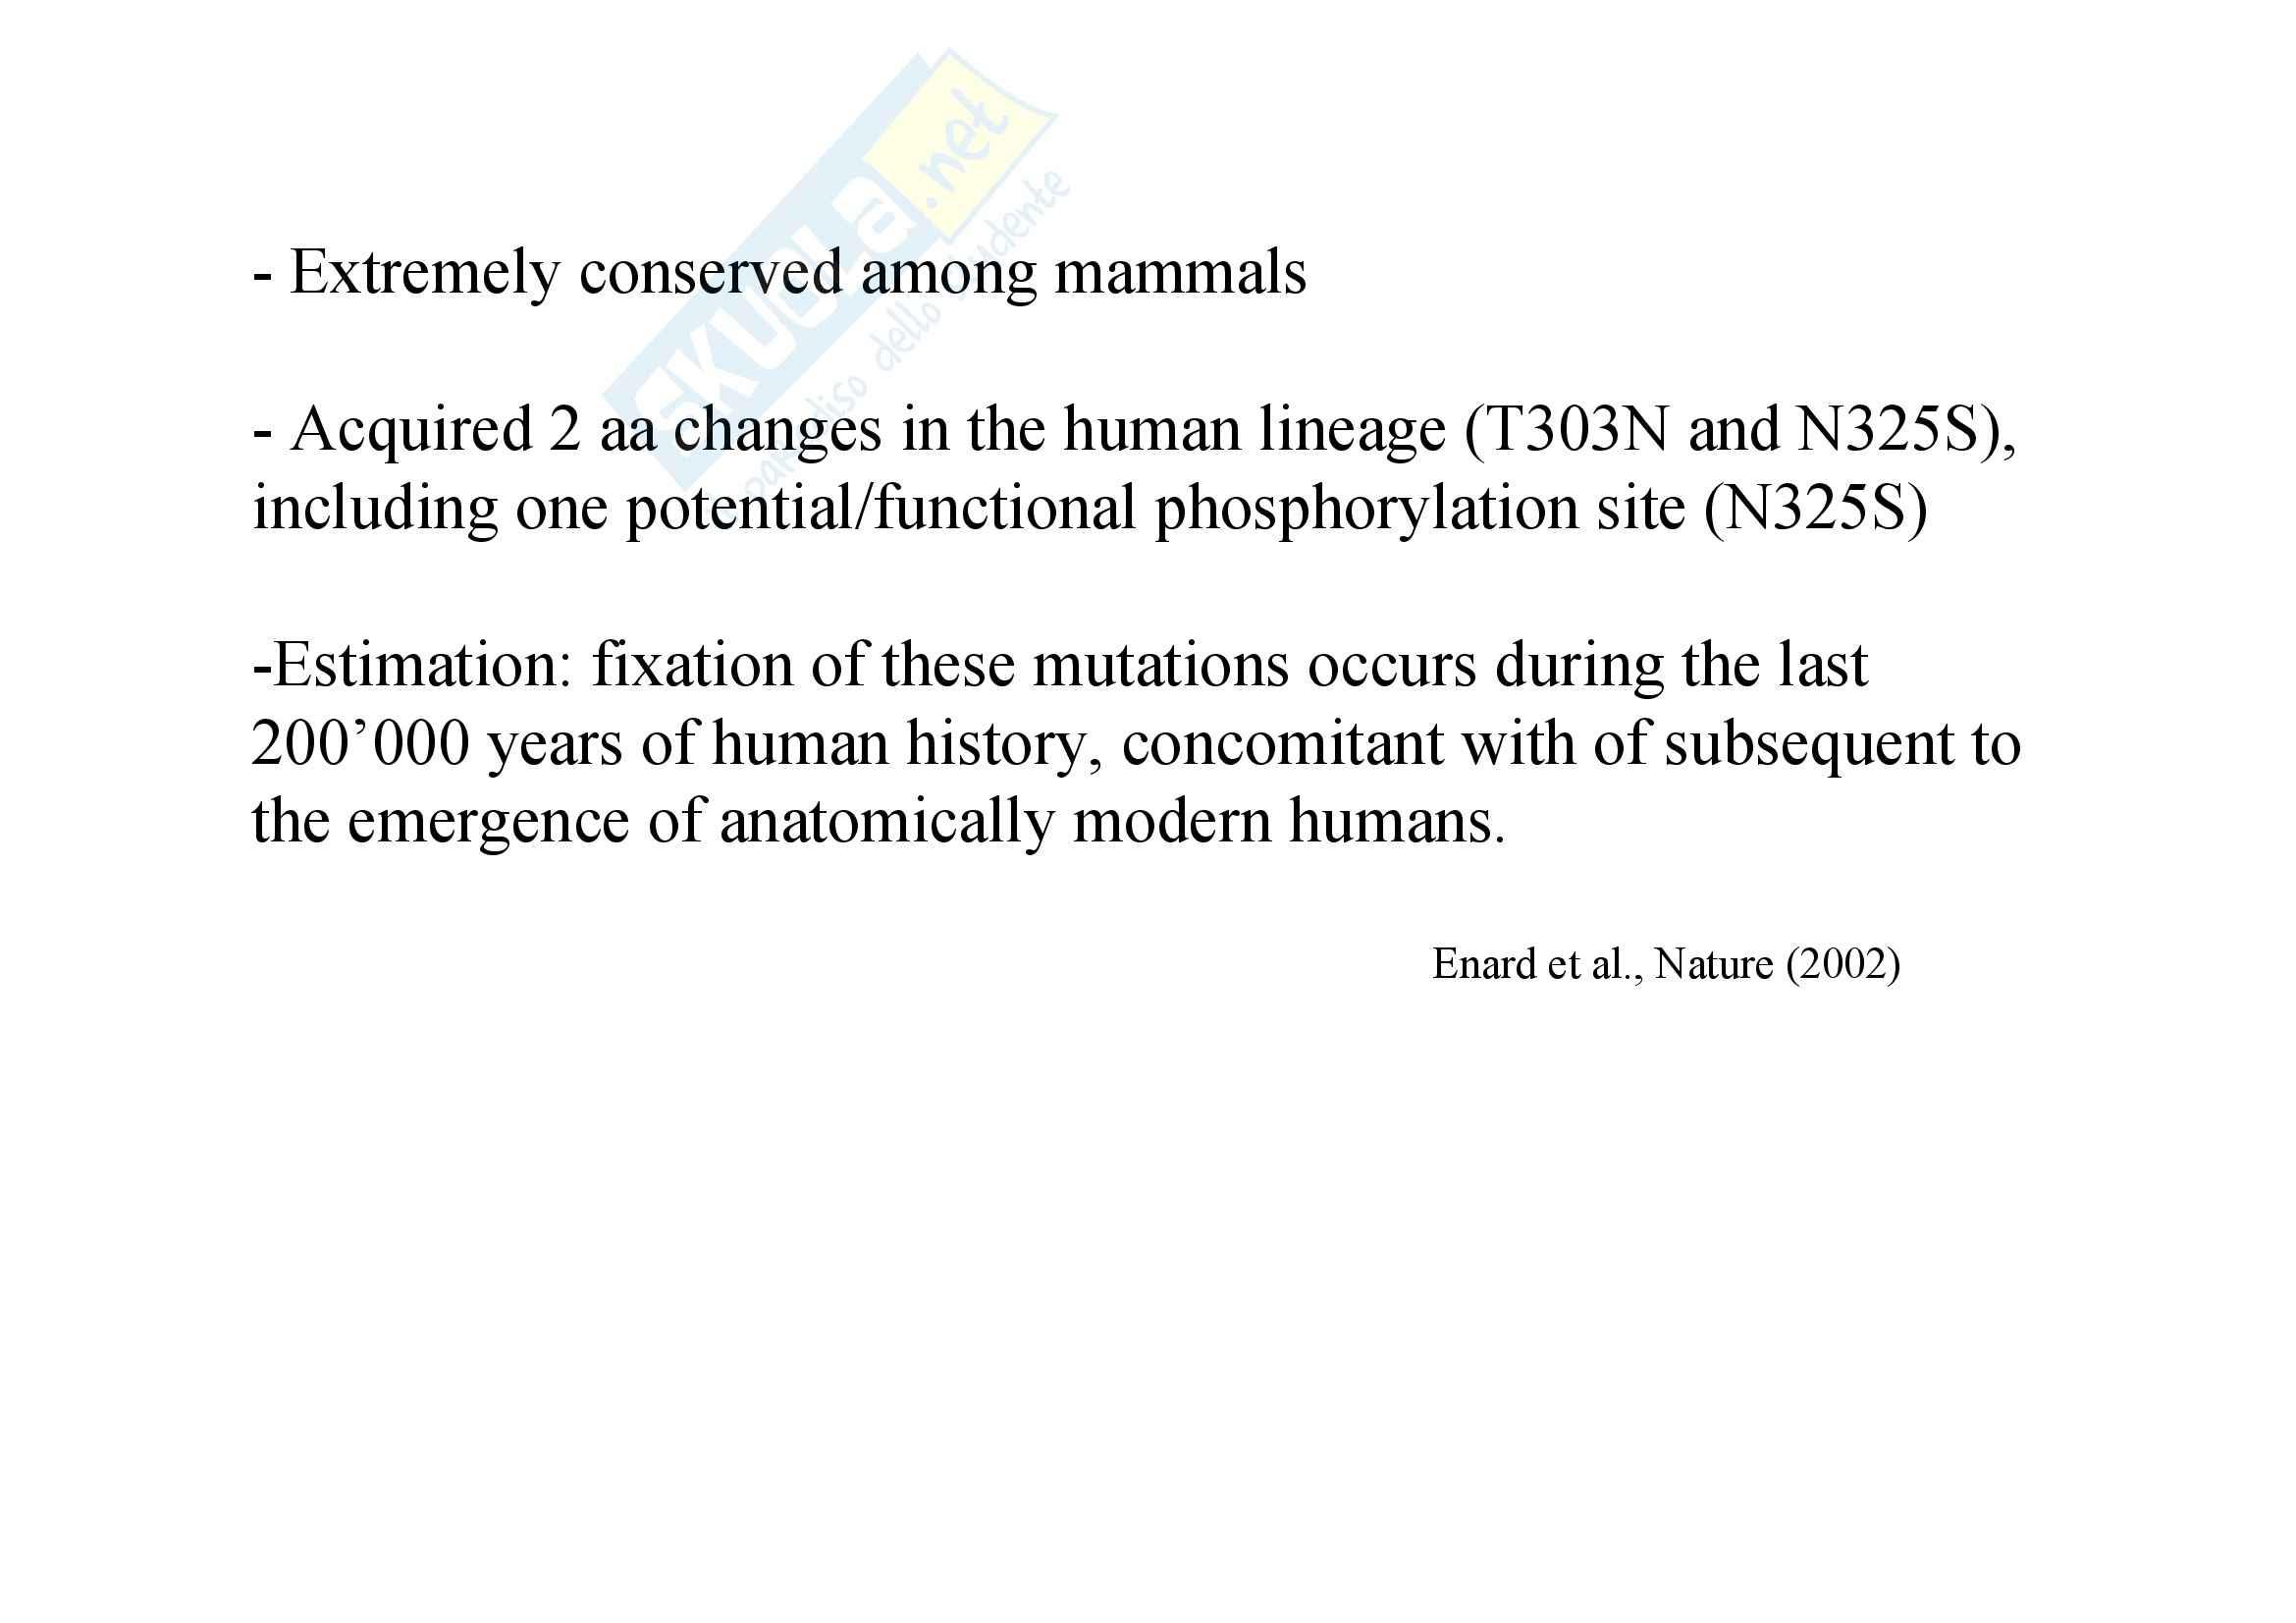 Genetica umana - evoluzione della specie - Appunti Pag. 71